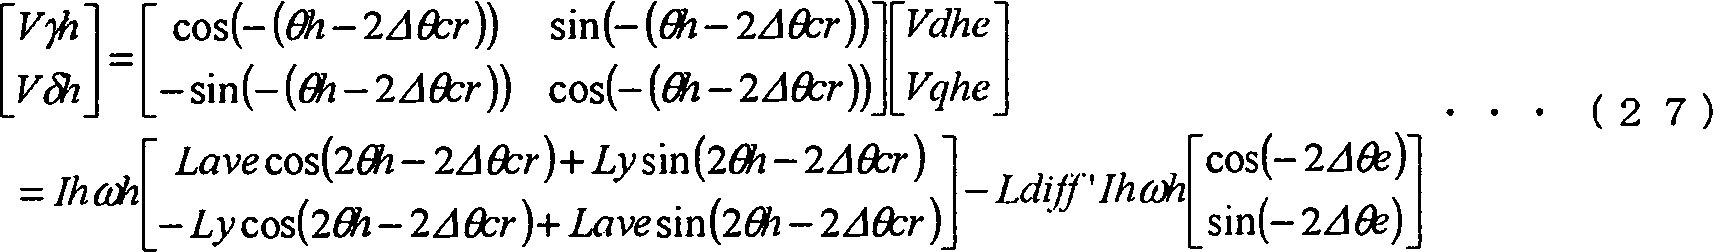 Figure DE112012003234T5_0020